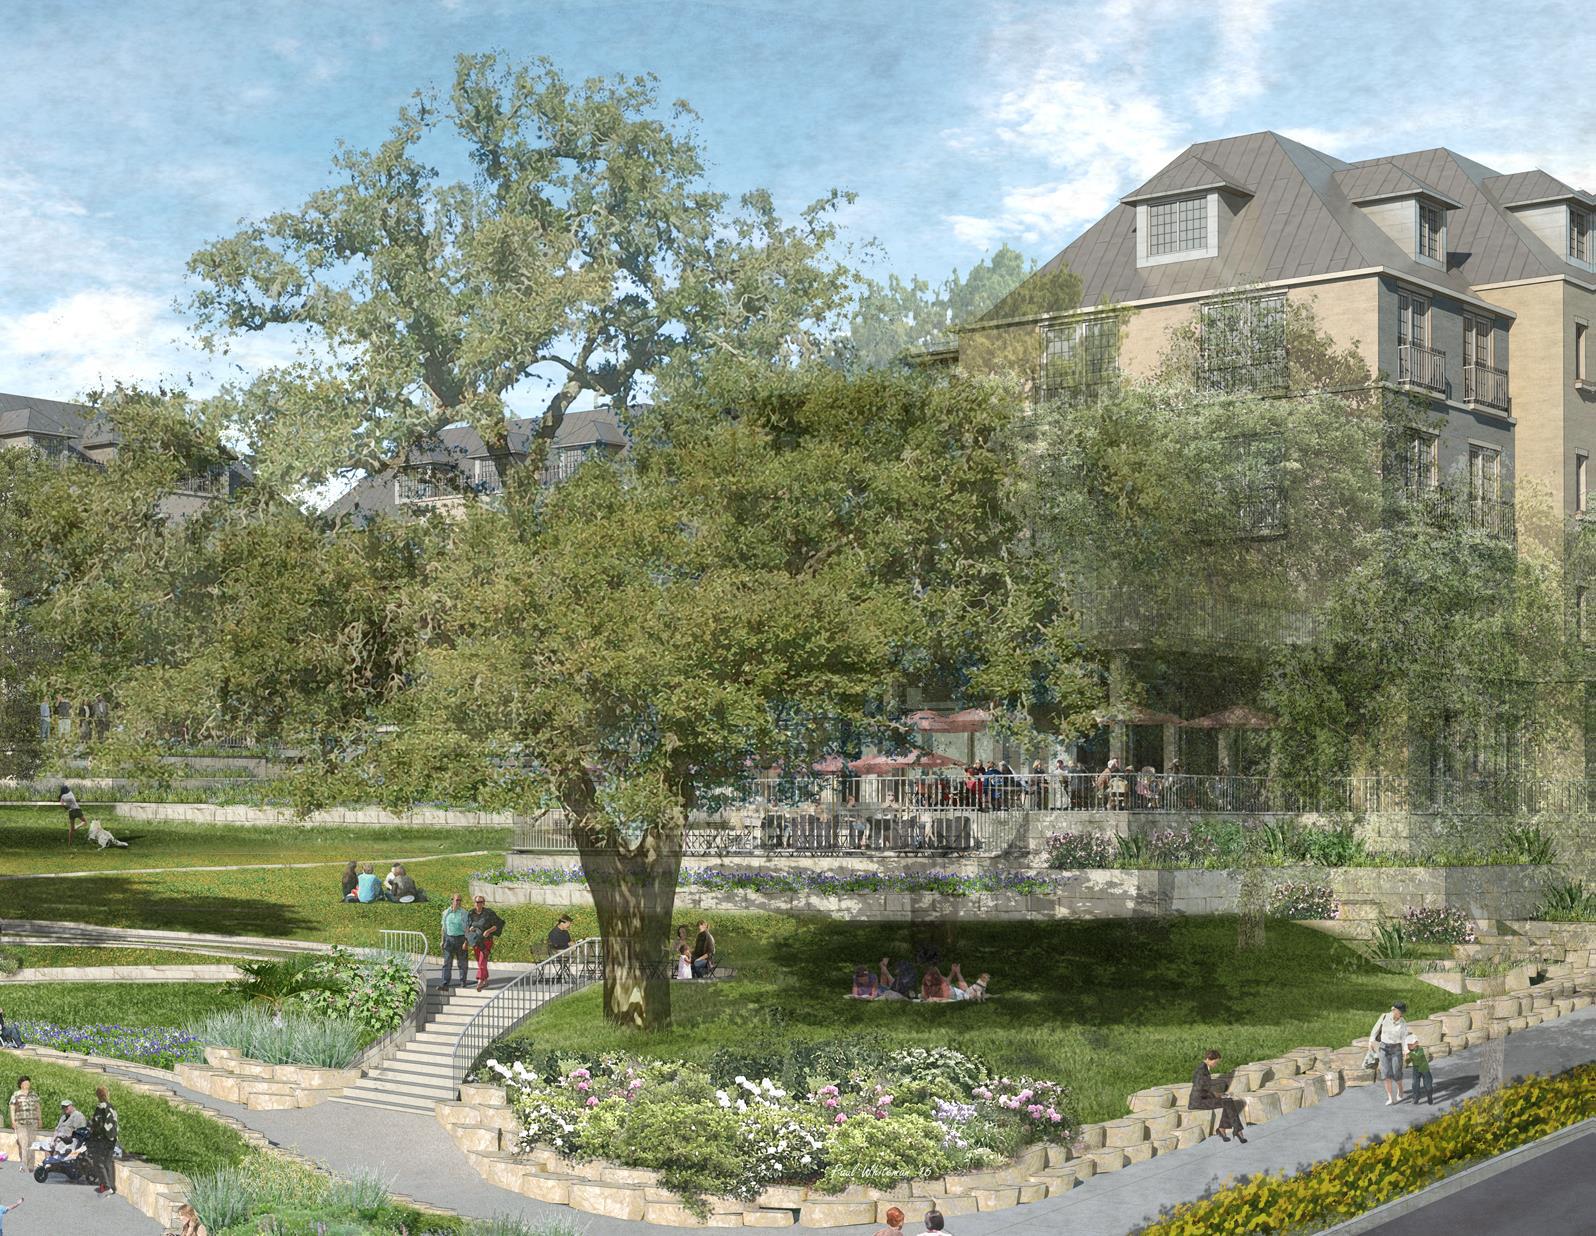 Poet's Corner - Lindsey Hill's public park space